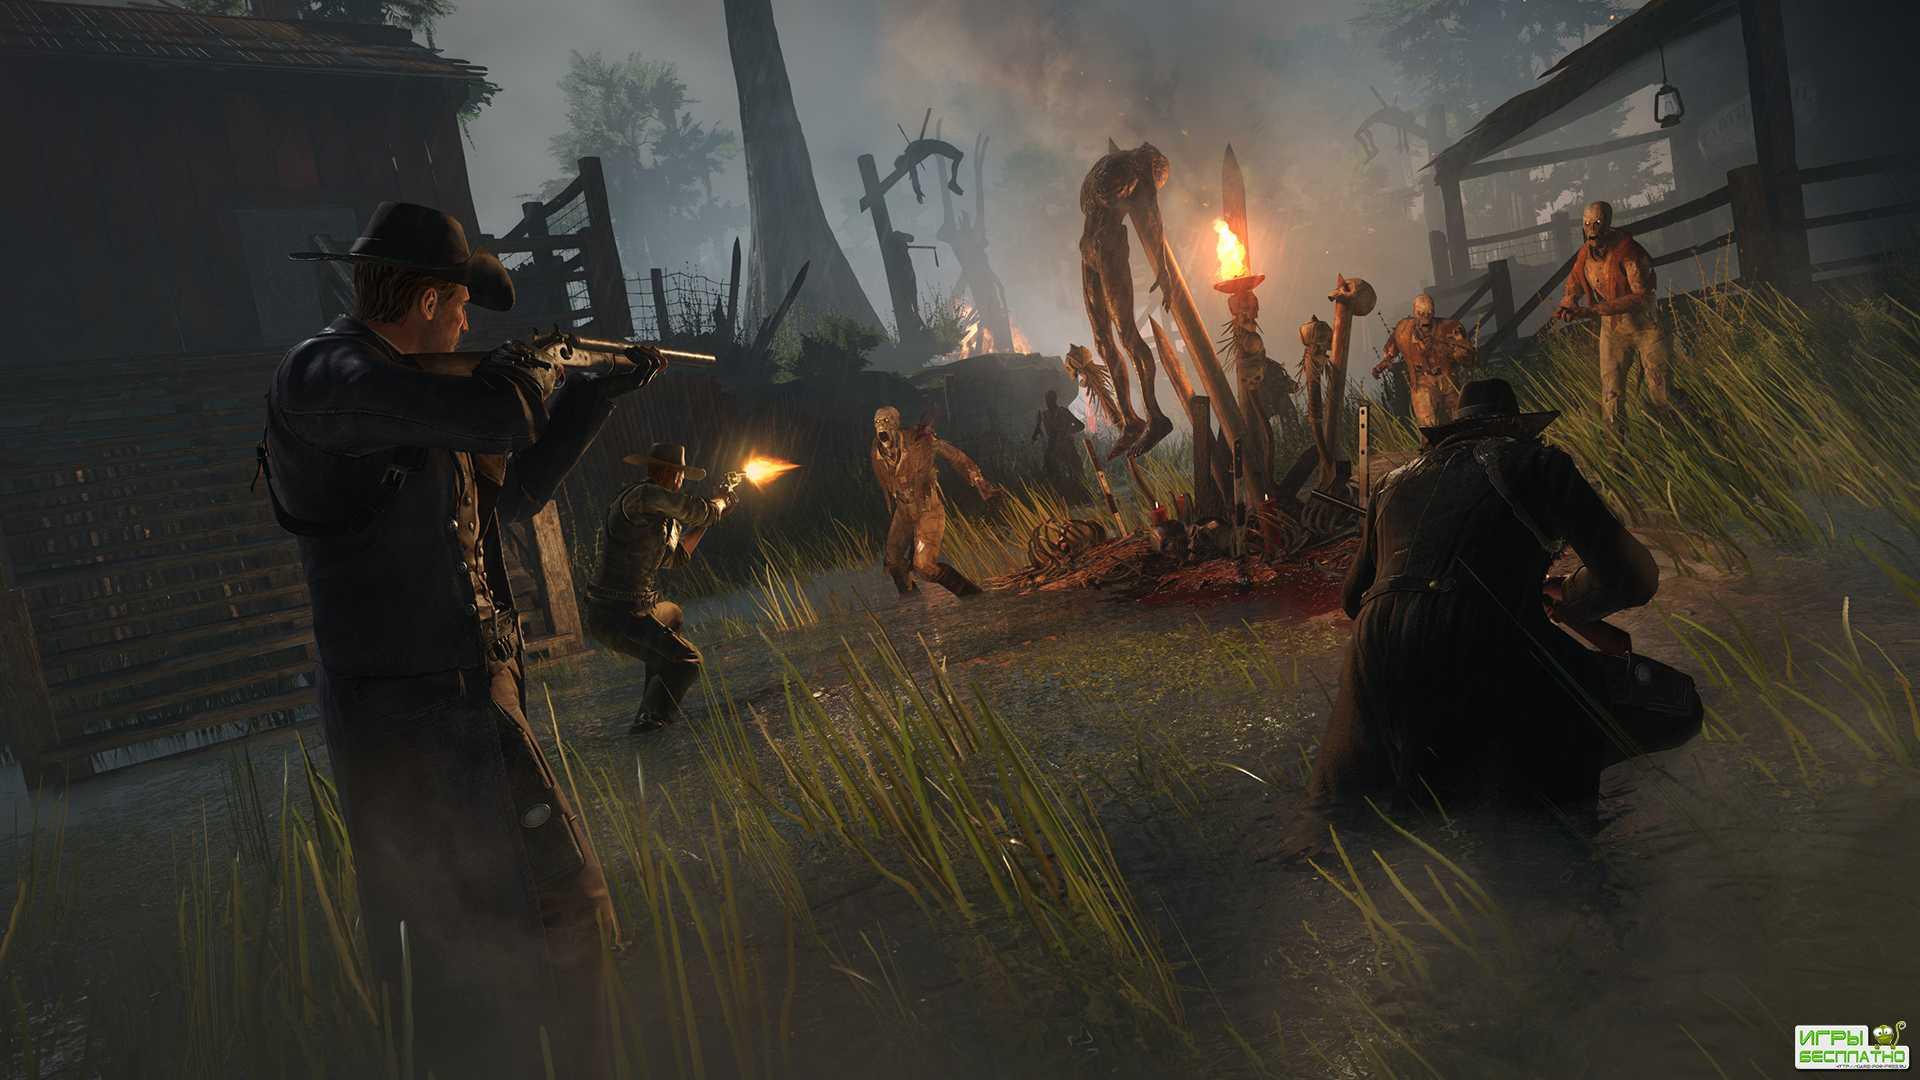 Дневники разработчиков Hunt: Showdown, посвящённые игровому процессу